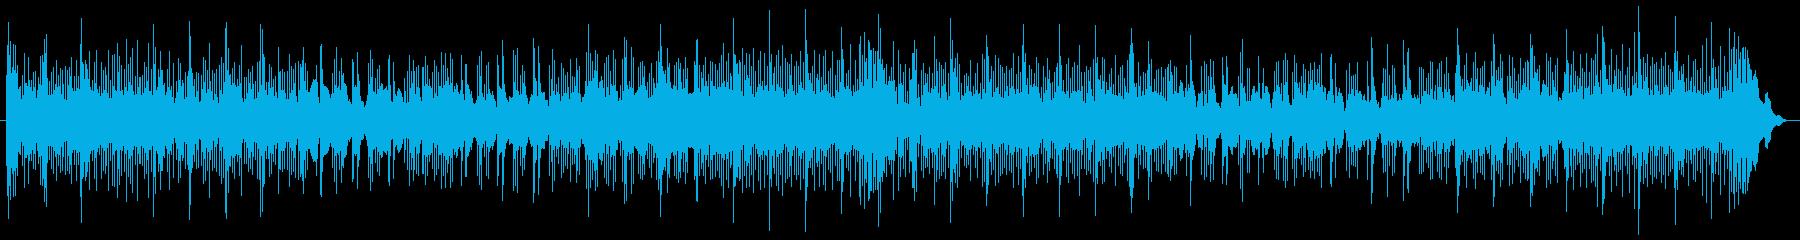 低シンセサイザーパッドとバスドラム...の再生済みの波形